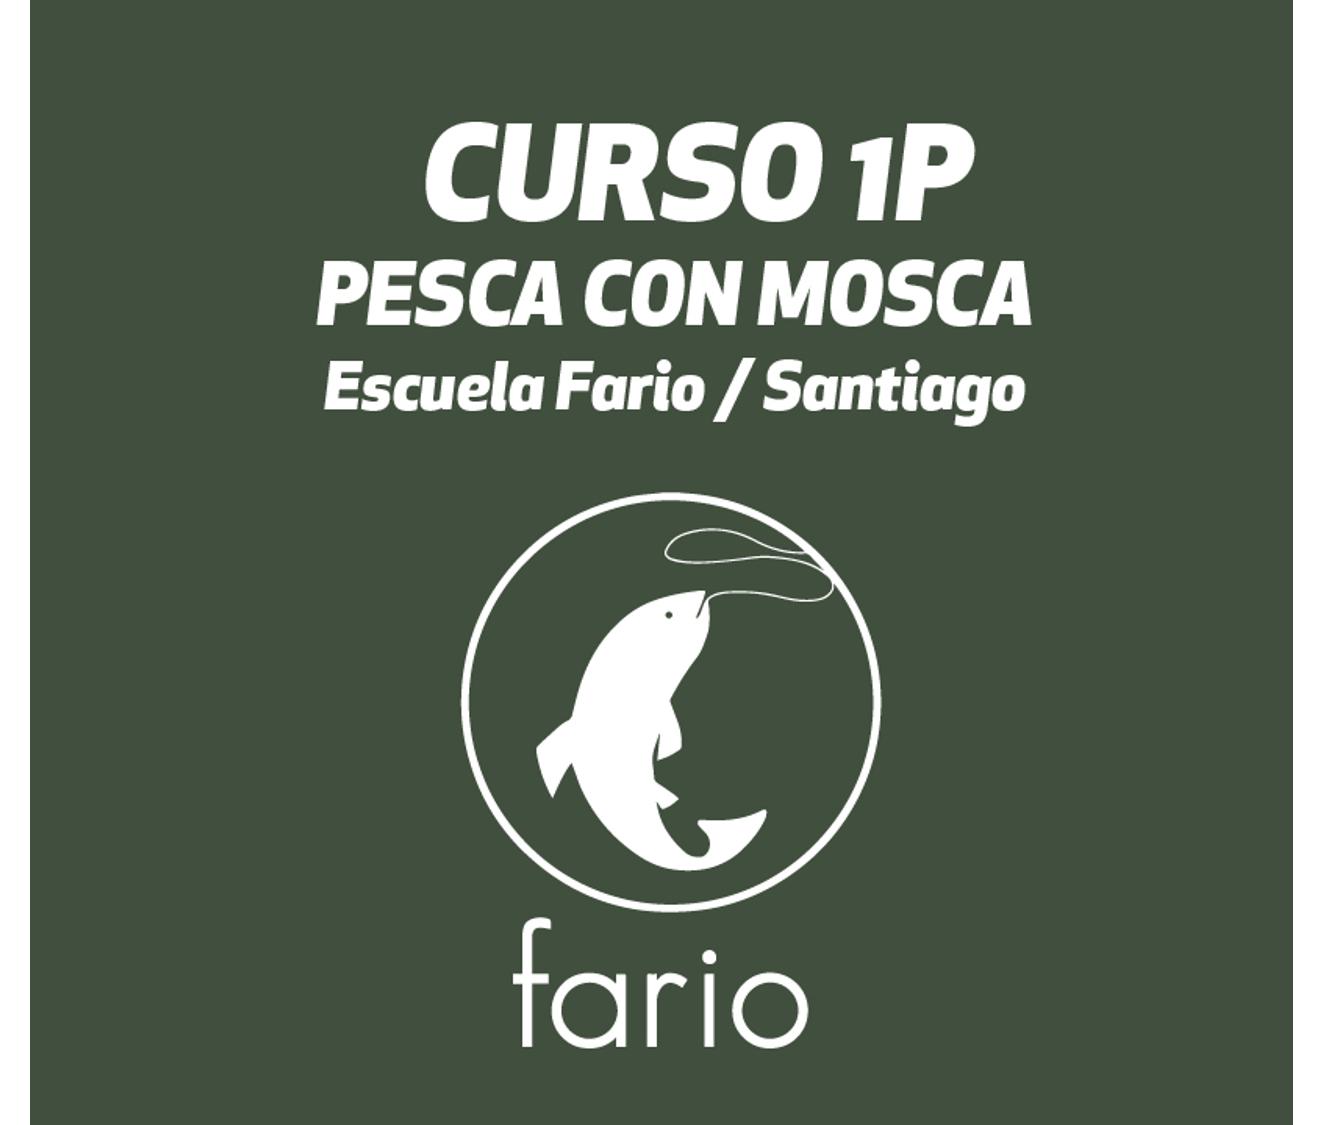 curso_1p.png